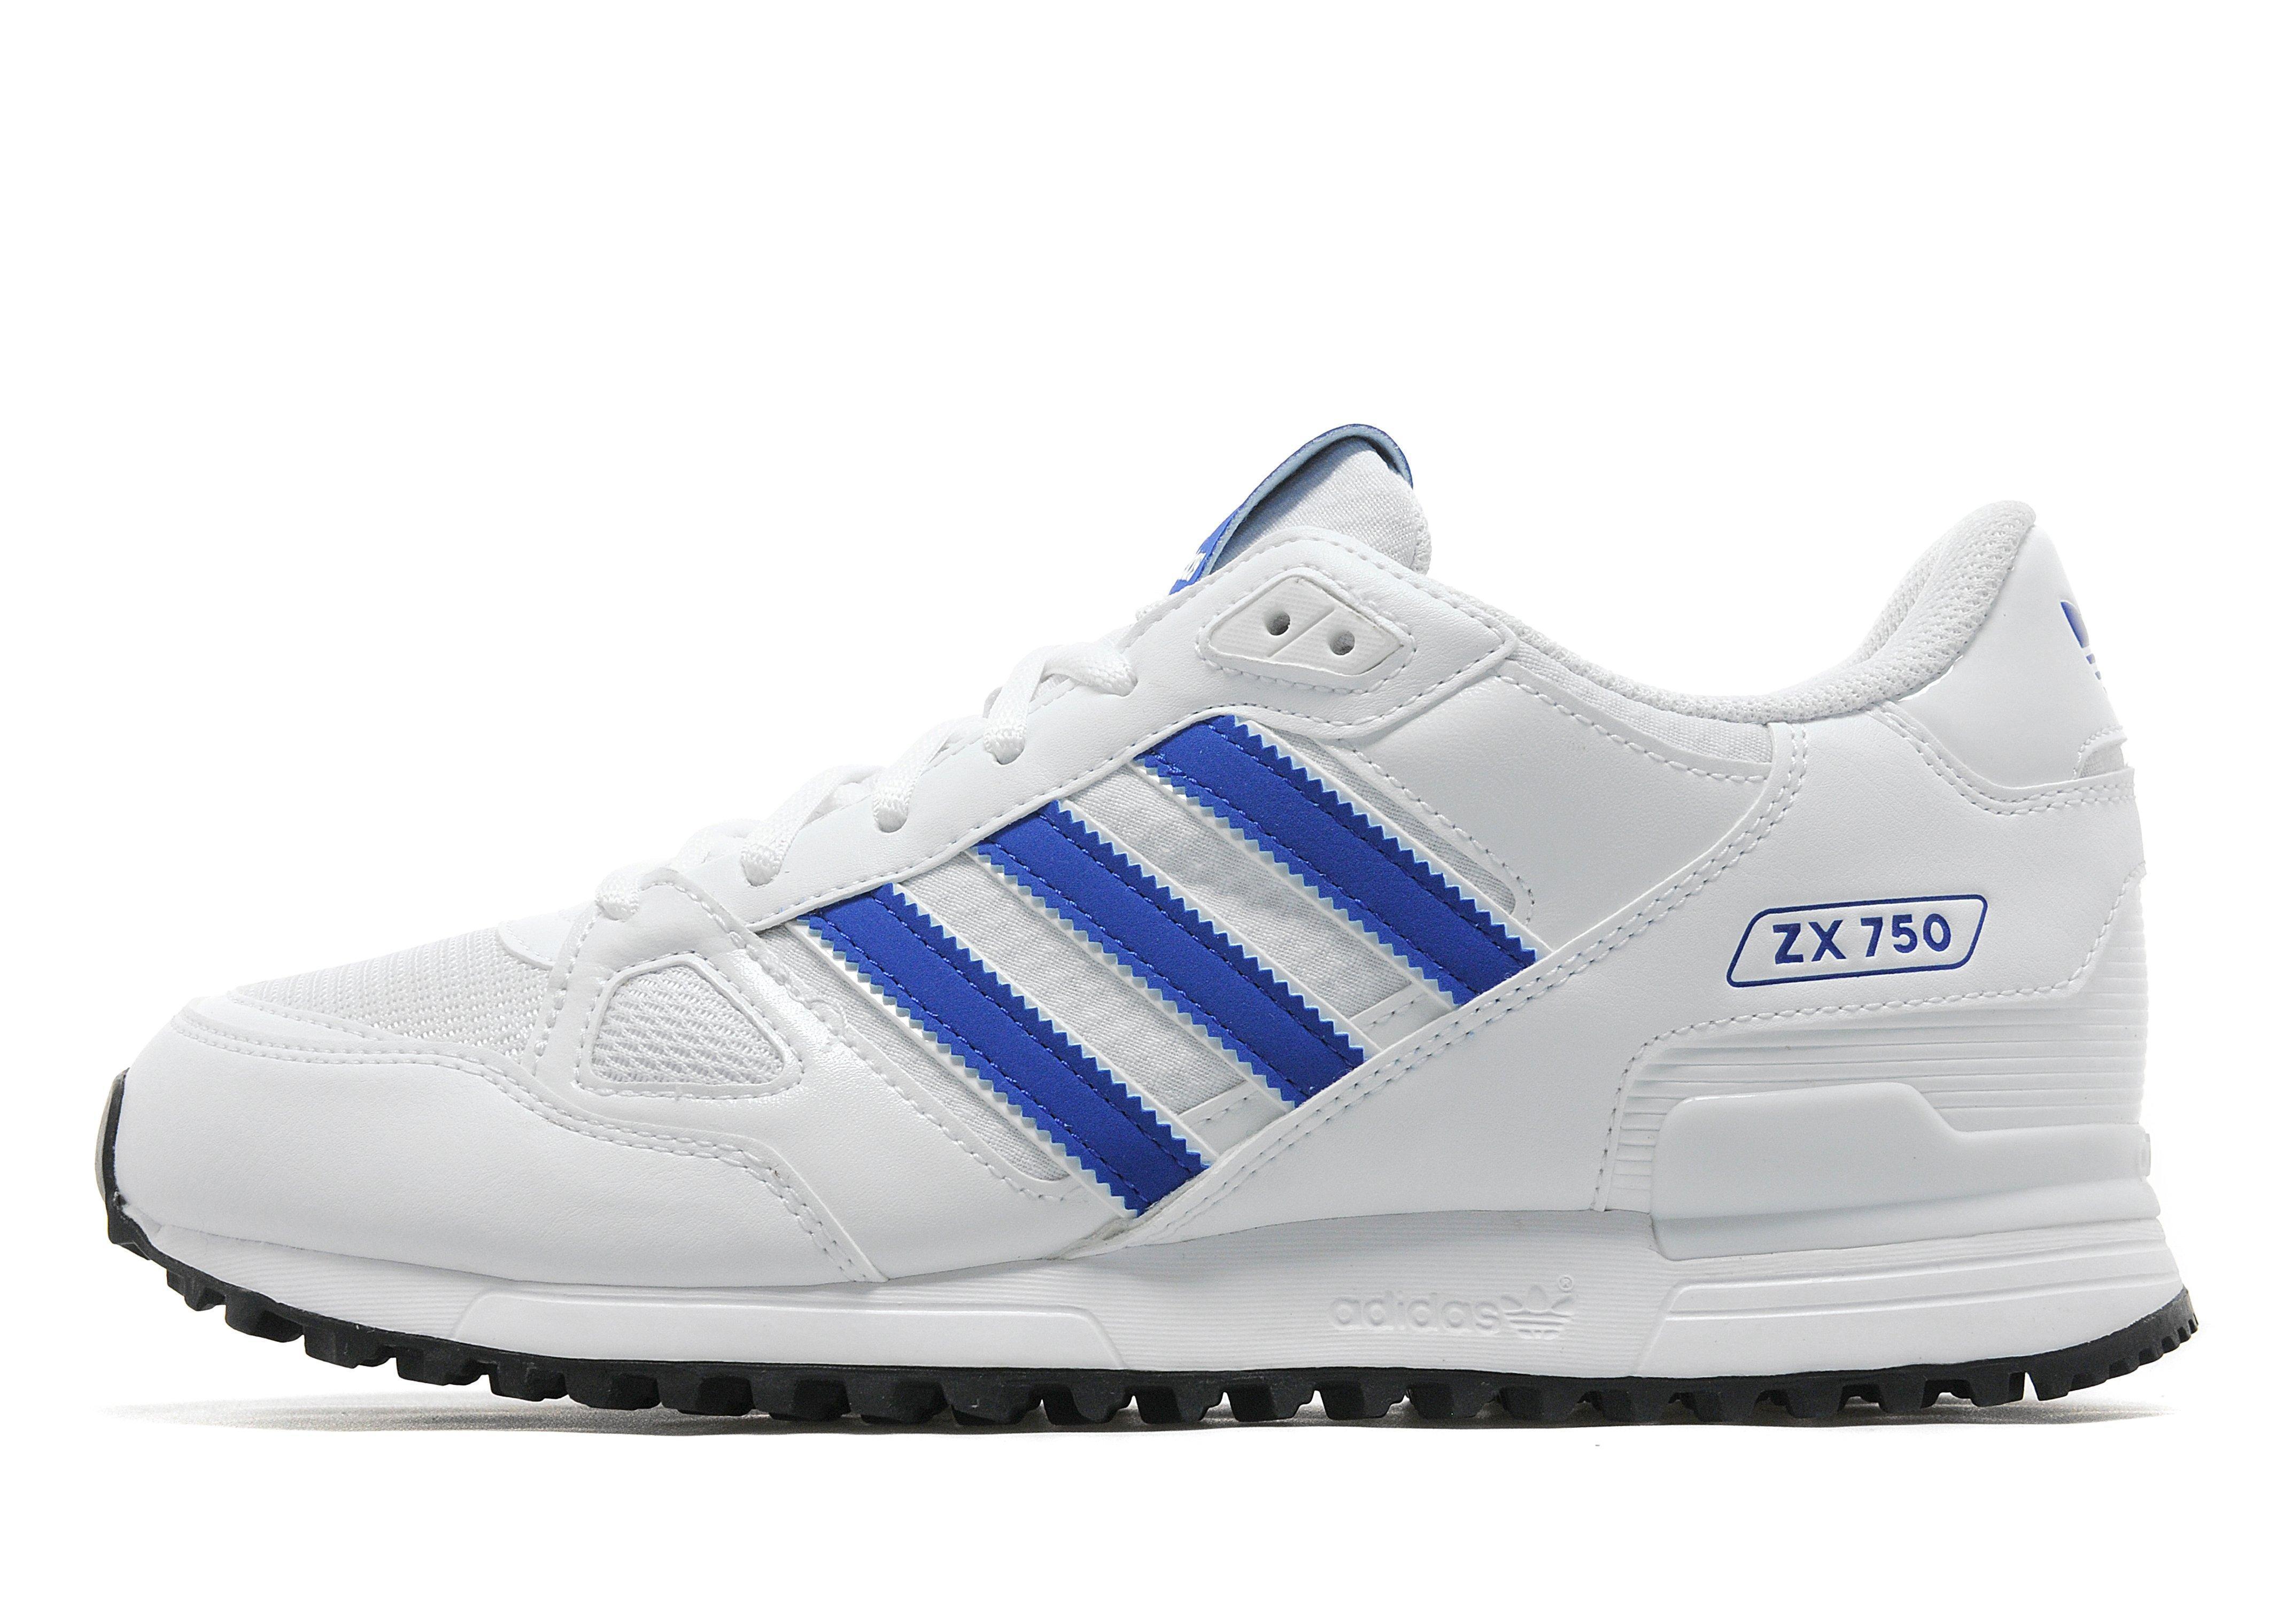 adidas Originals Suede Zx 750 in Blue